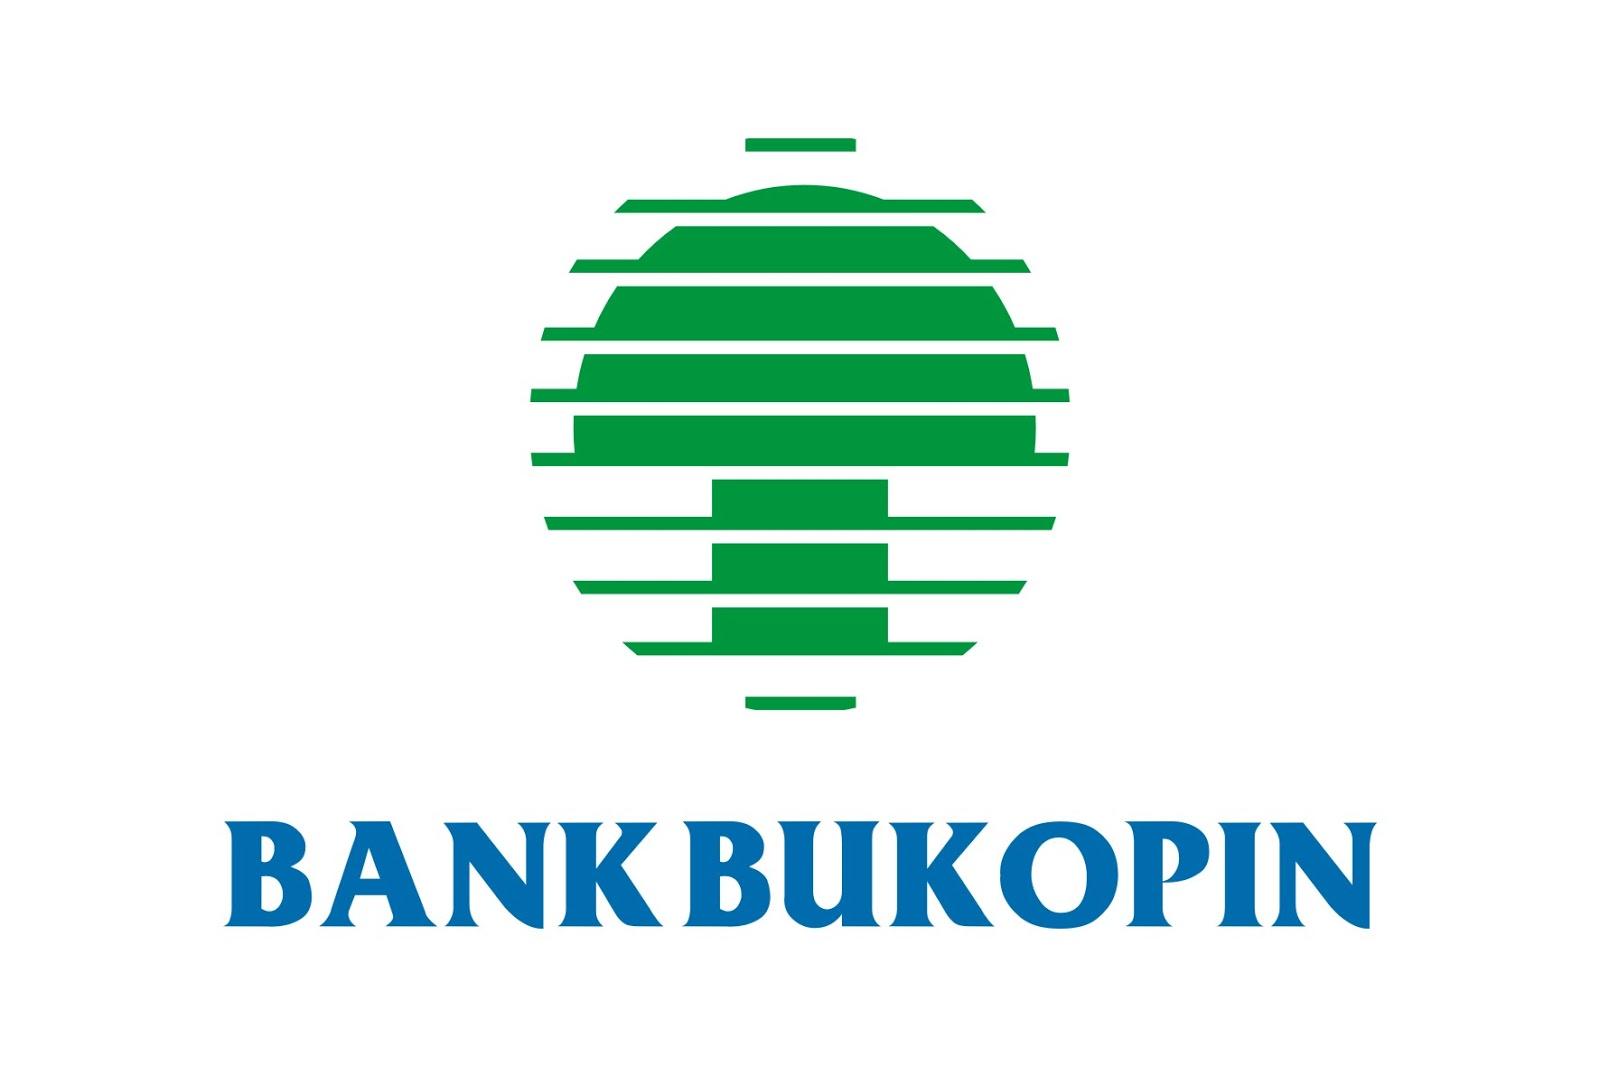 Bank Bukopin Logo Logo Share